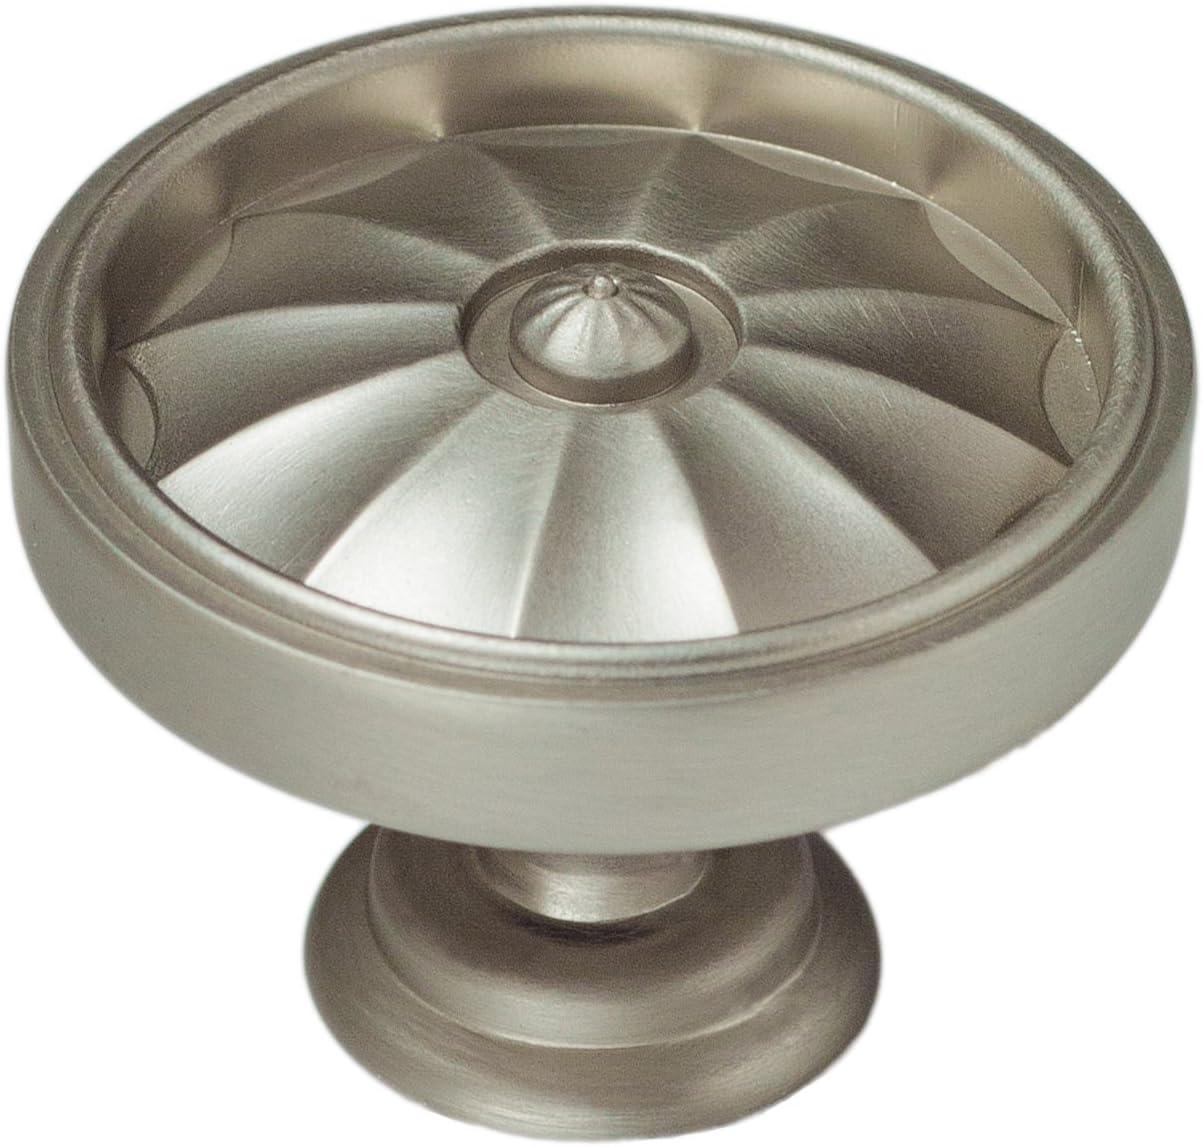 Continental Hardware - RL061039 - Sumner Street 1-5/8 in. (41mm) Flare Round Cabinet Knob, Satin Nickel